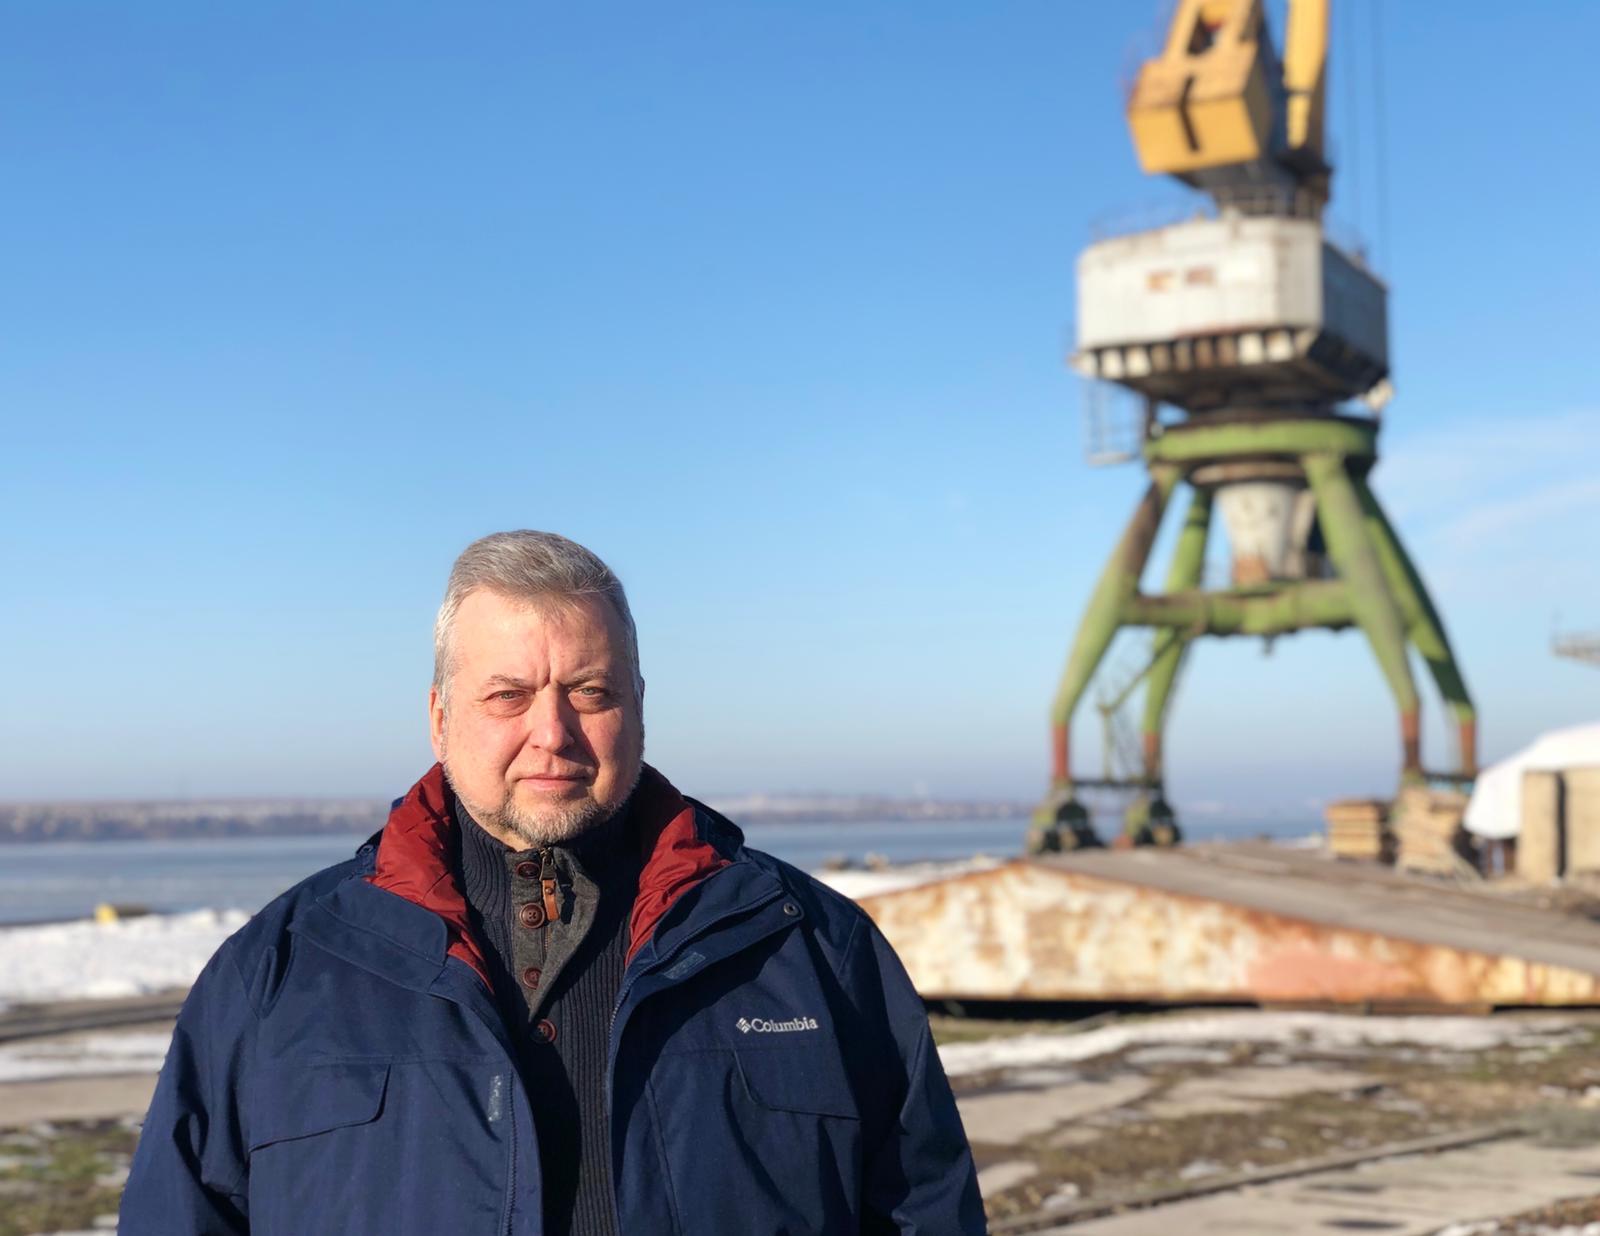 Назначен новый генеральный директор Судостроительного завода «Океан»